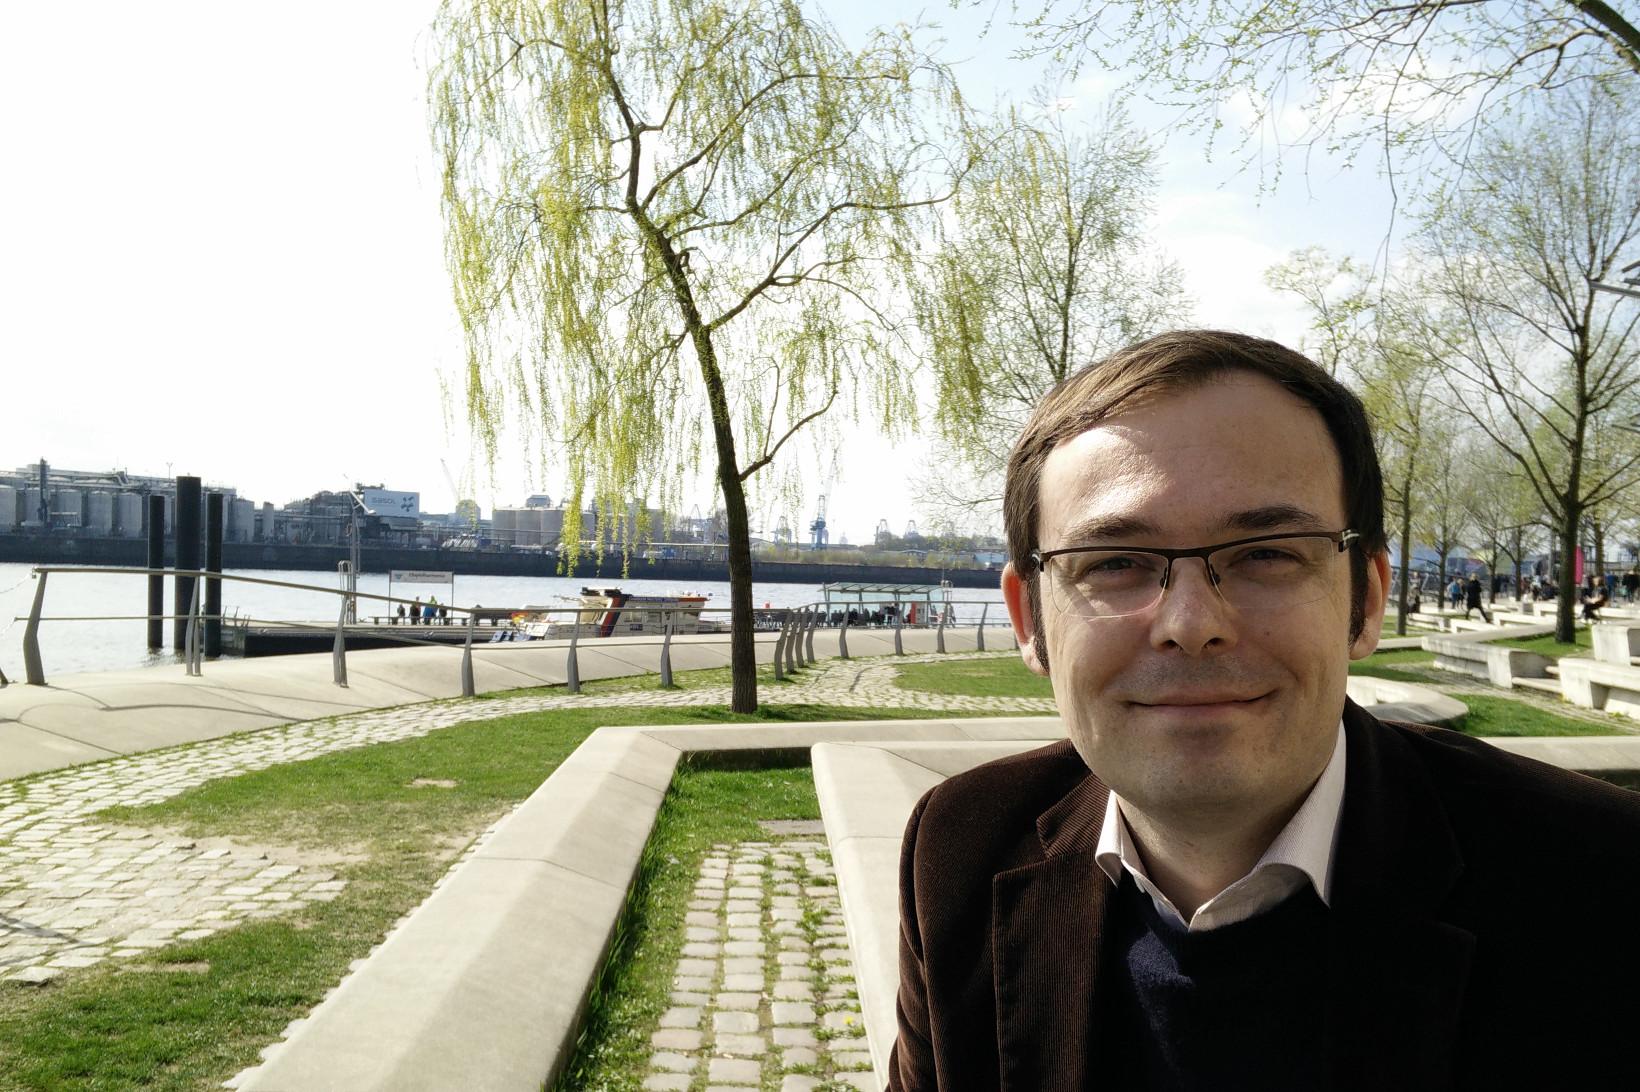 Dr.-Ing. Thomas Echterhof